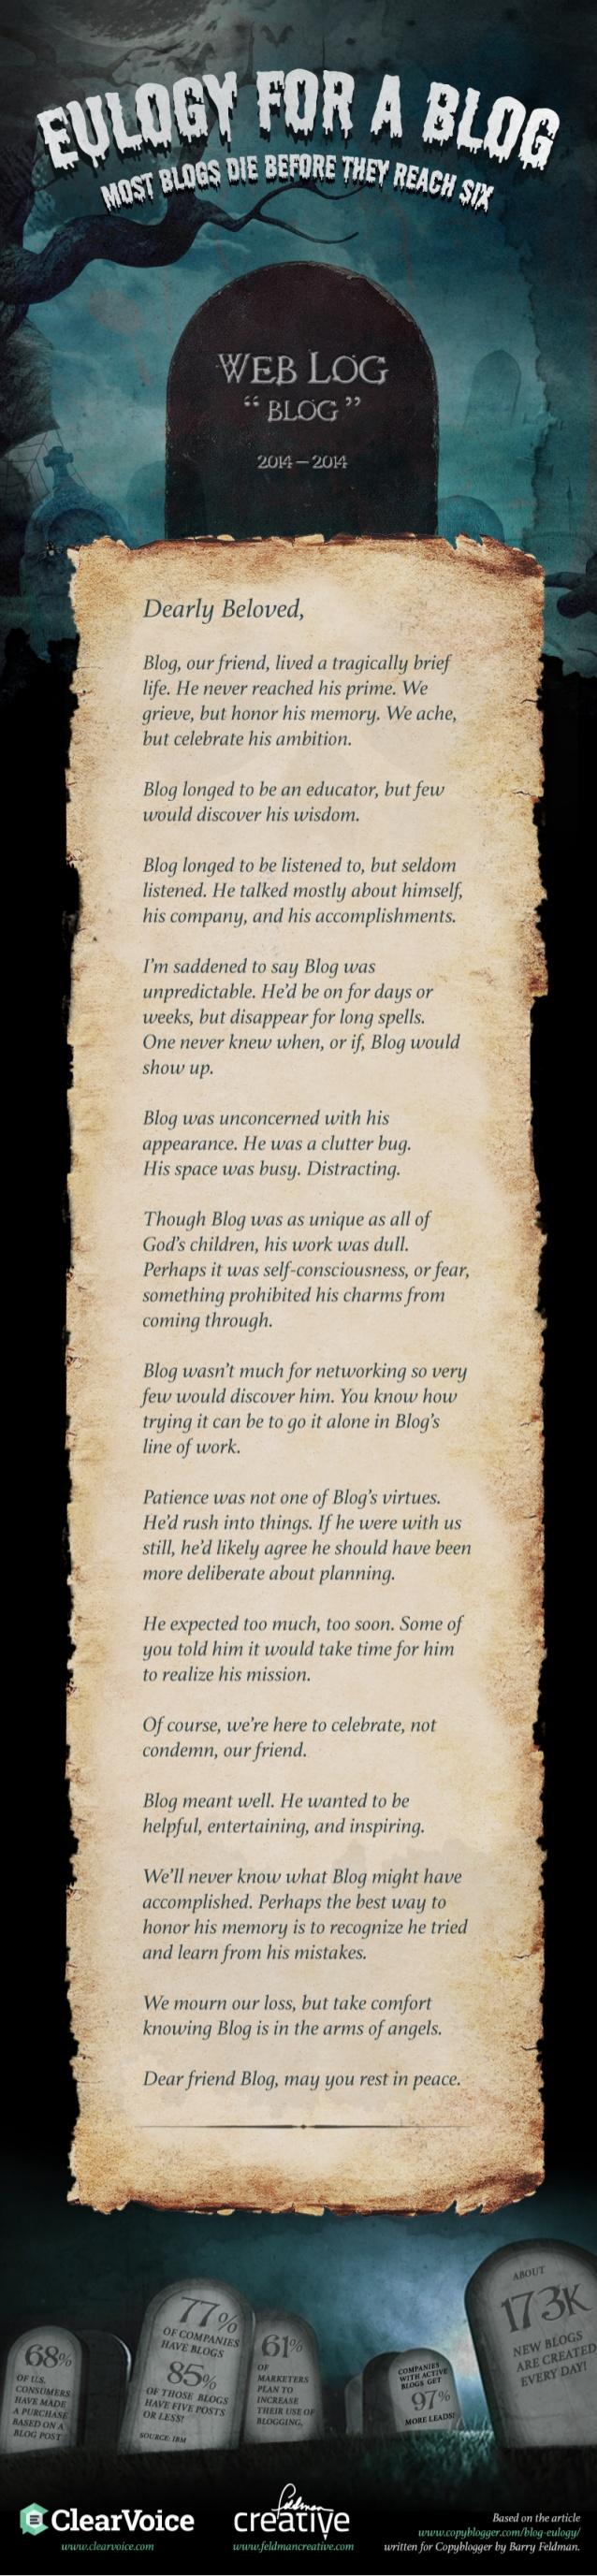 Elegía para un blog: la mayoría de los blogs muere antes de 6 años